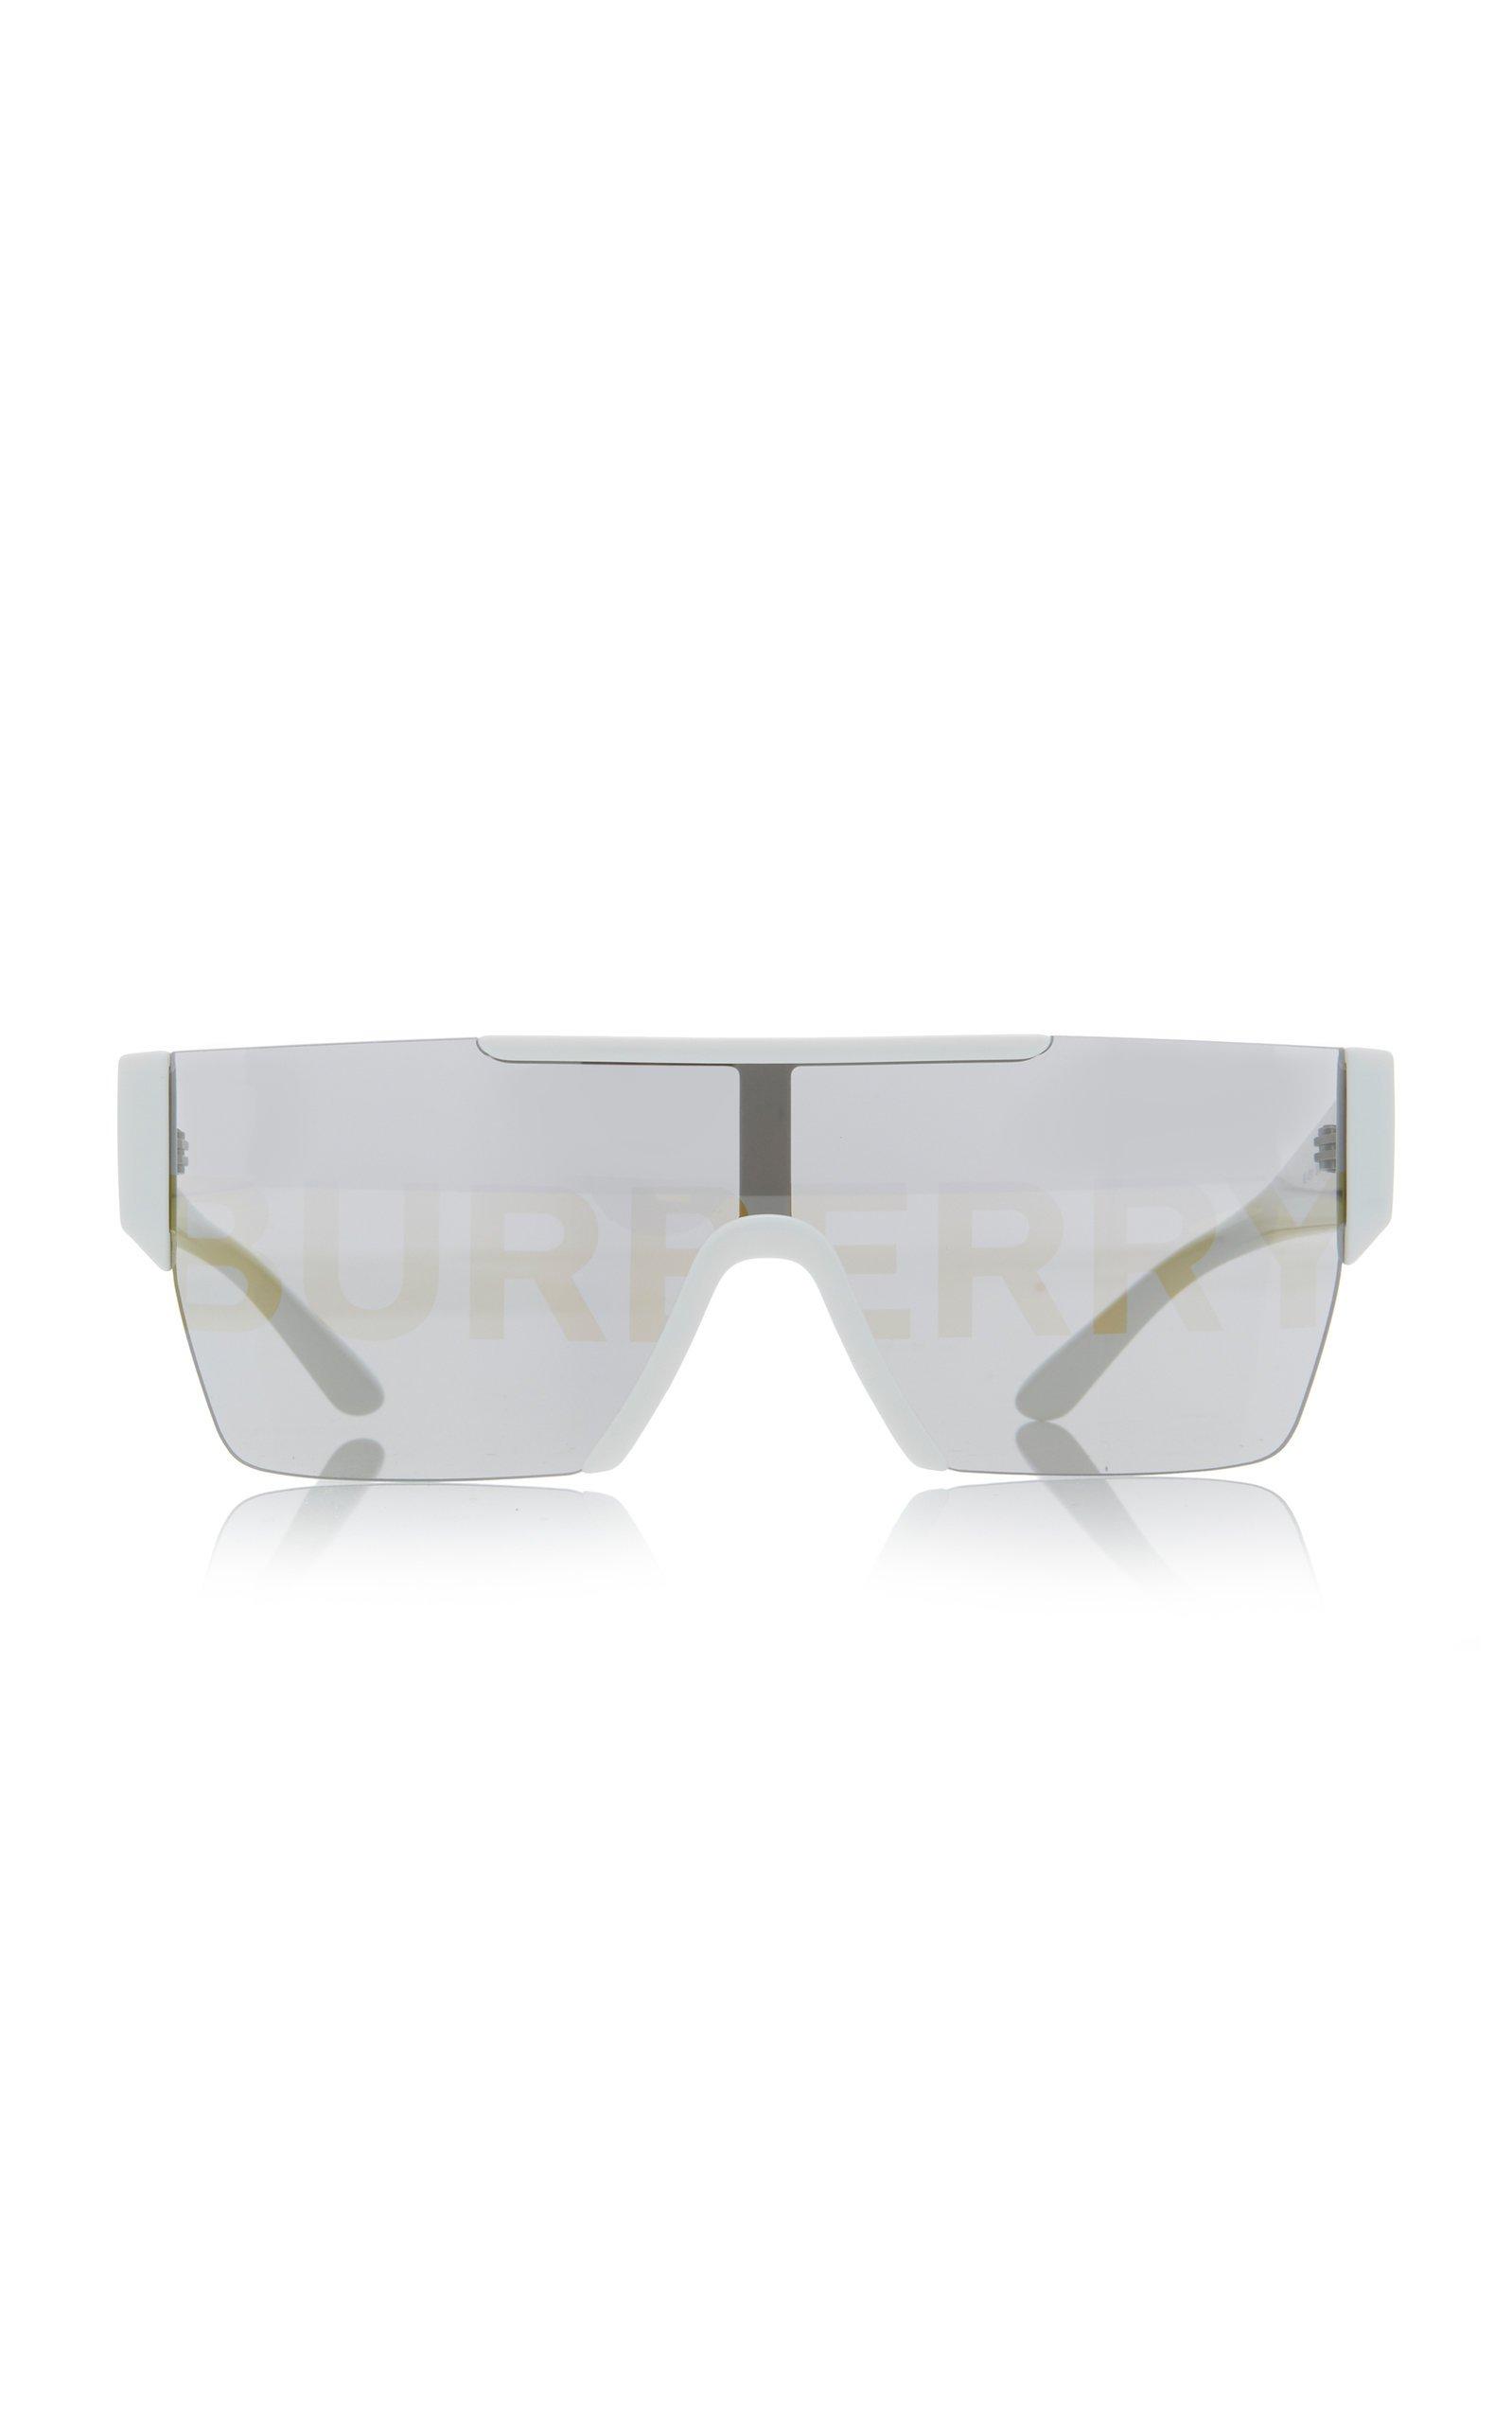 Burberry Square-Frame Acetate Sunglasses